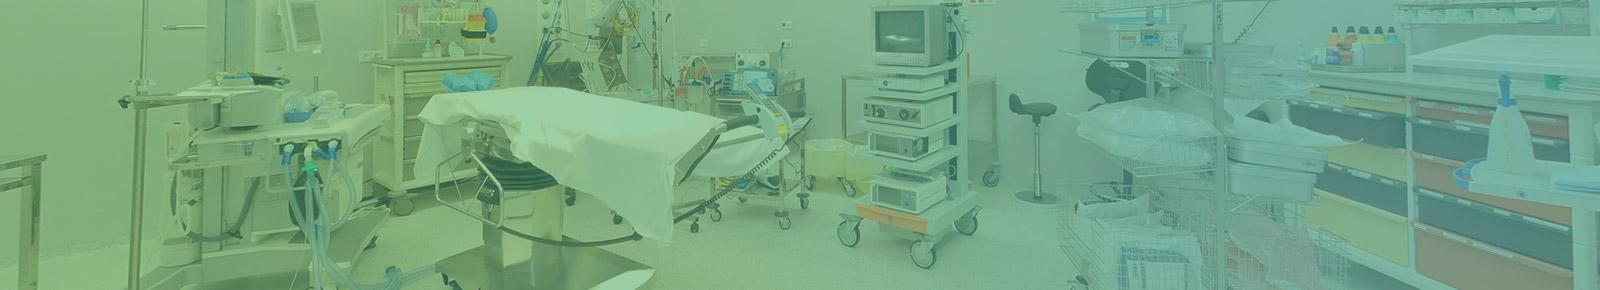 photo d'un bloc opératoire de l'hôpital